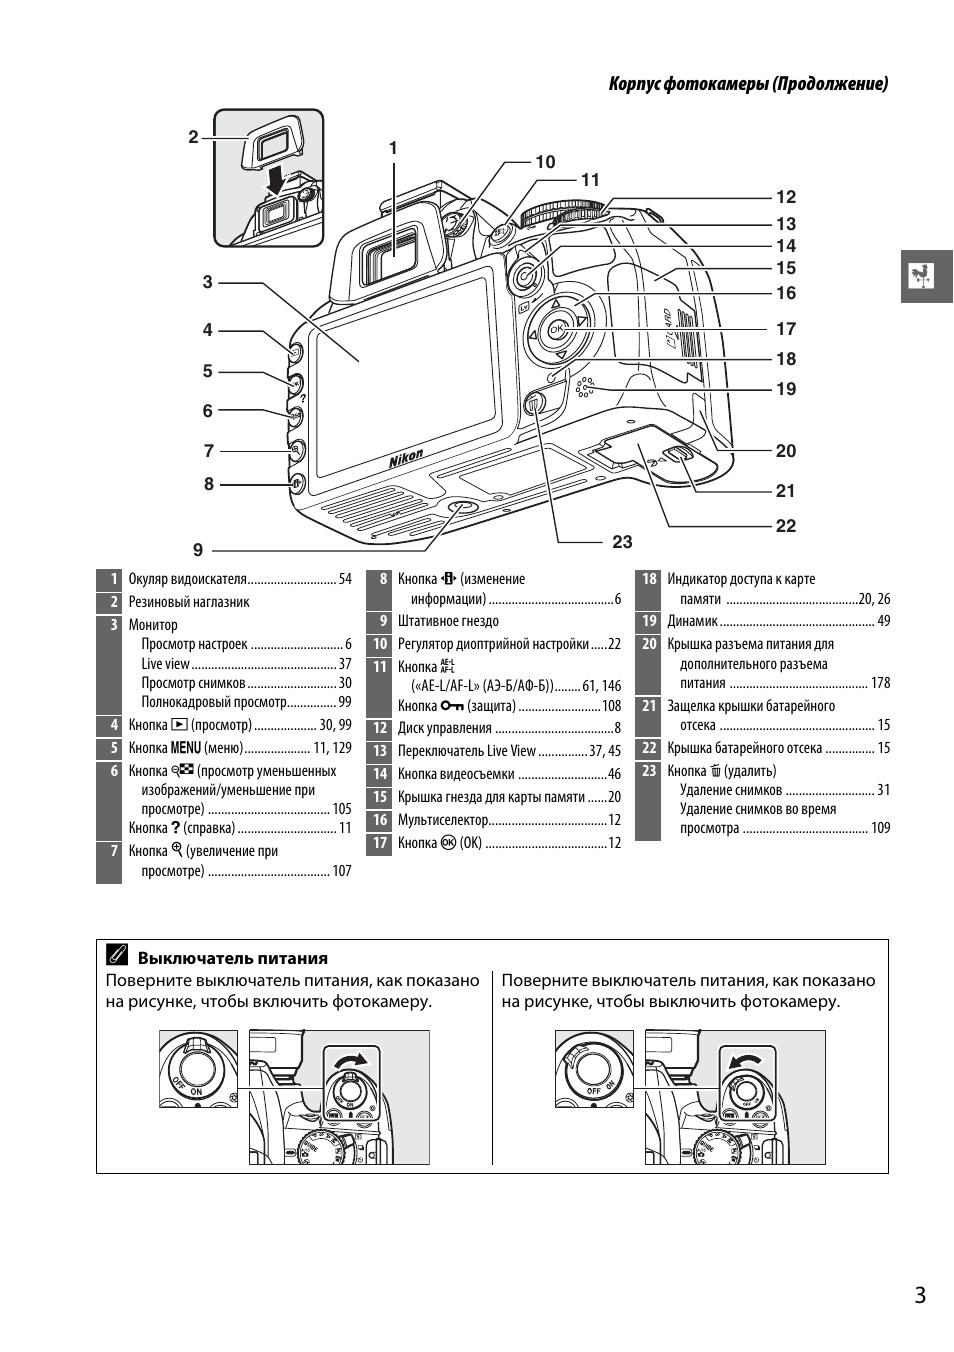 инструкция по эксплуатации никон д 3100